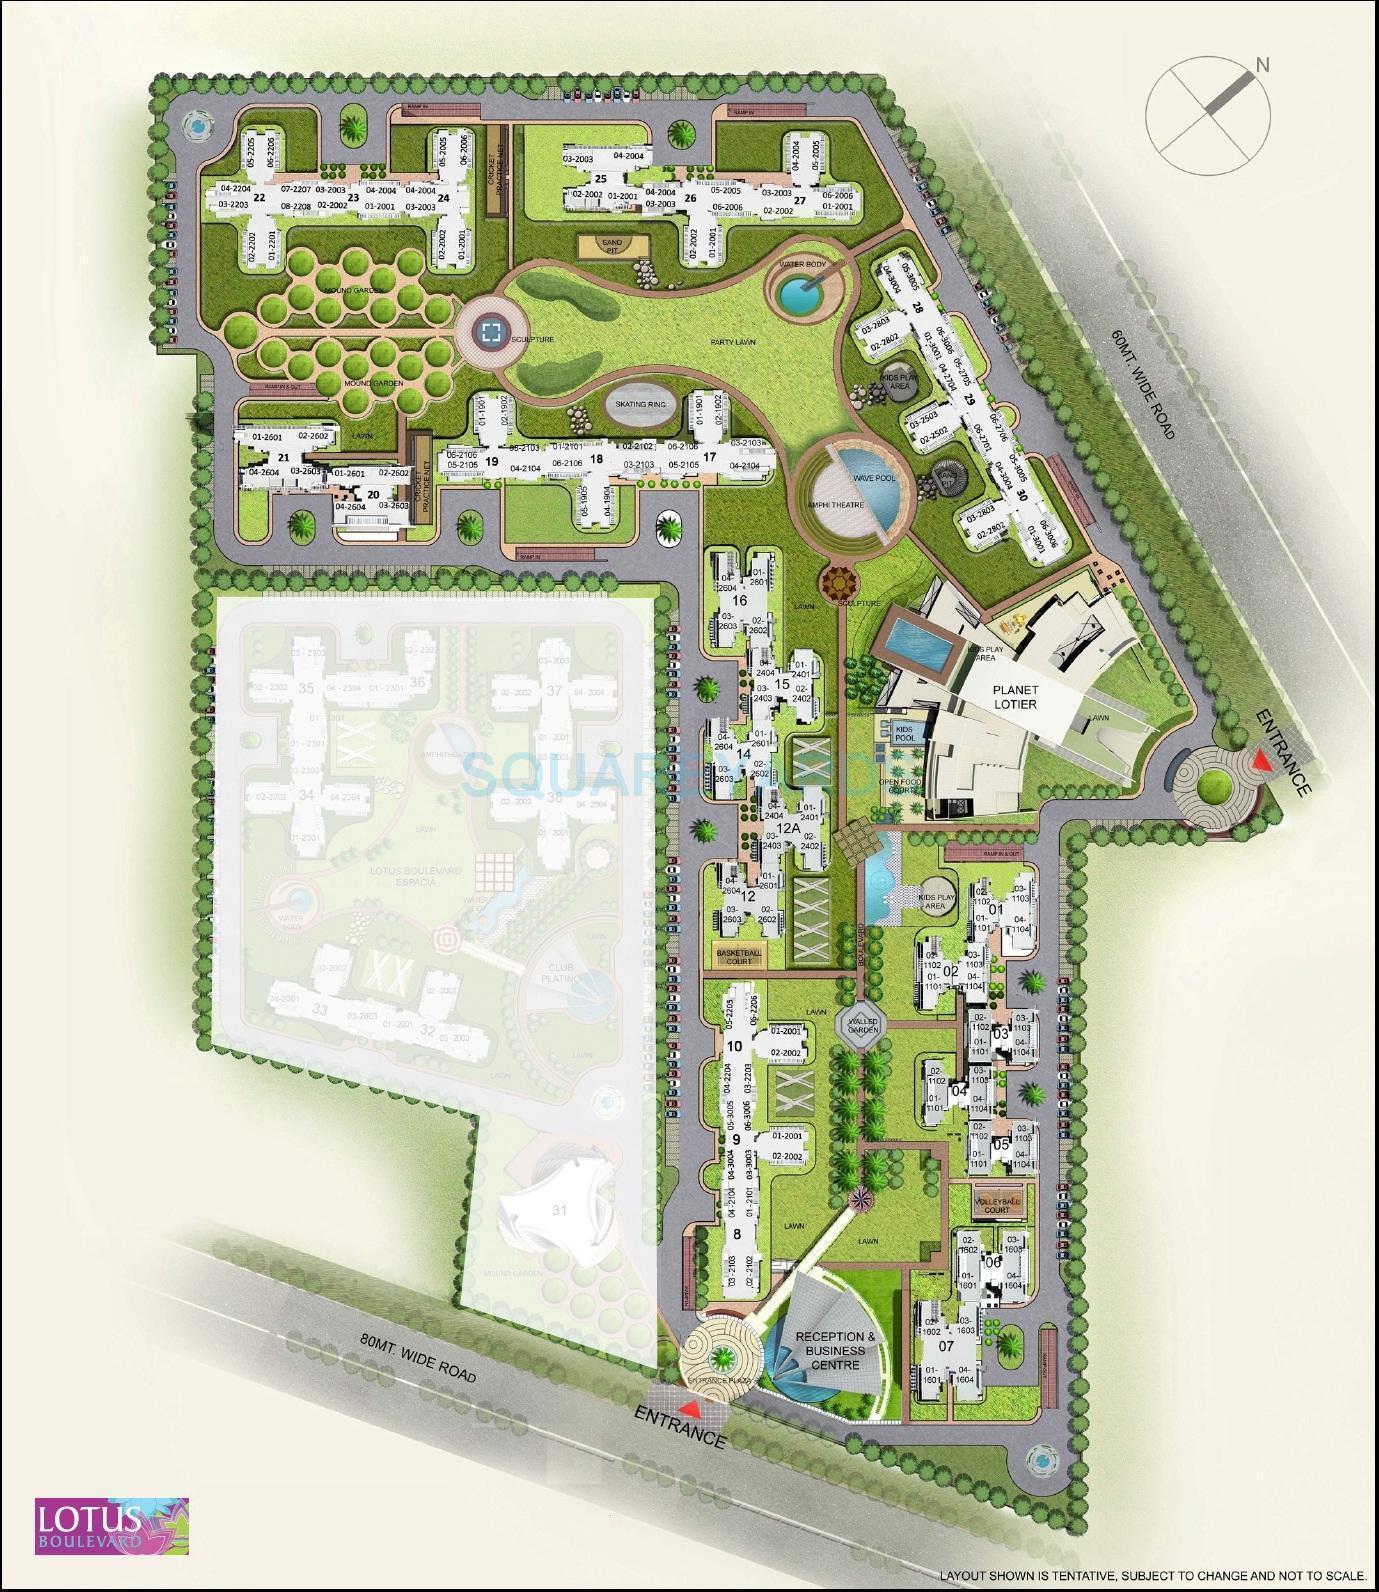 3c lotus boulevard master plan image1